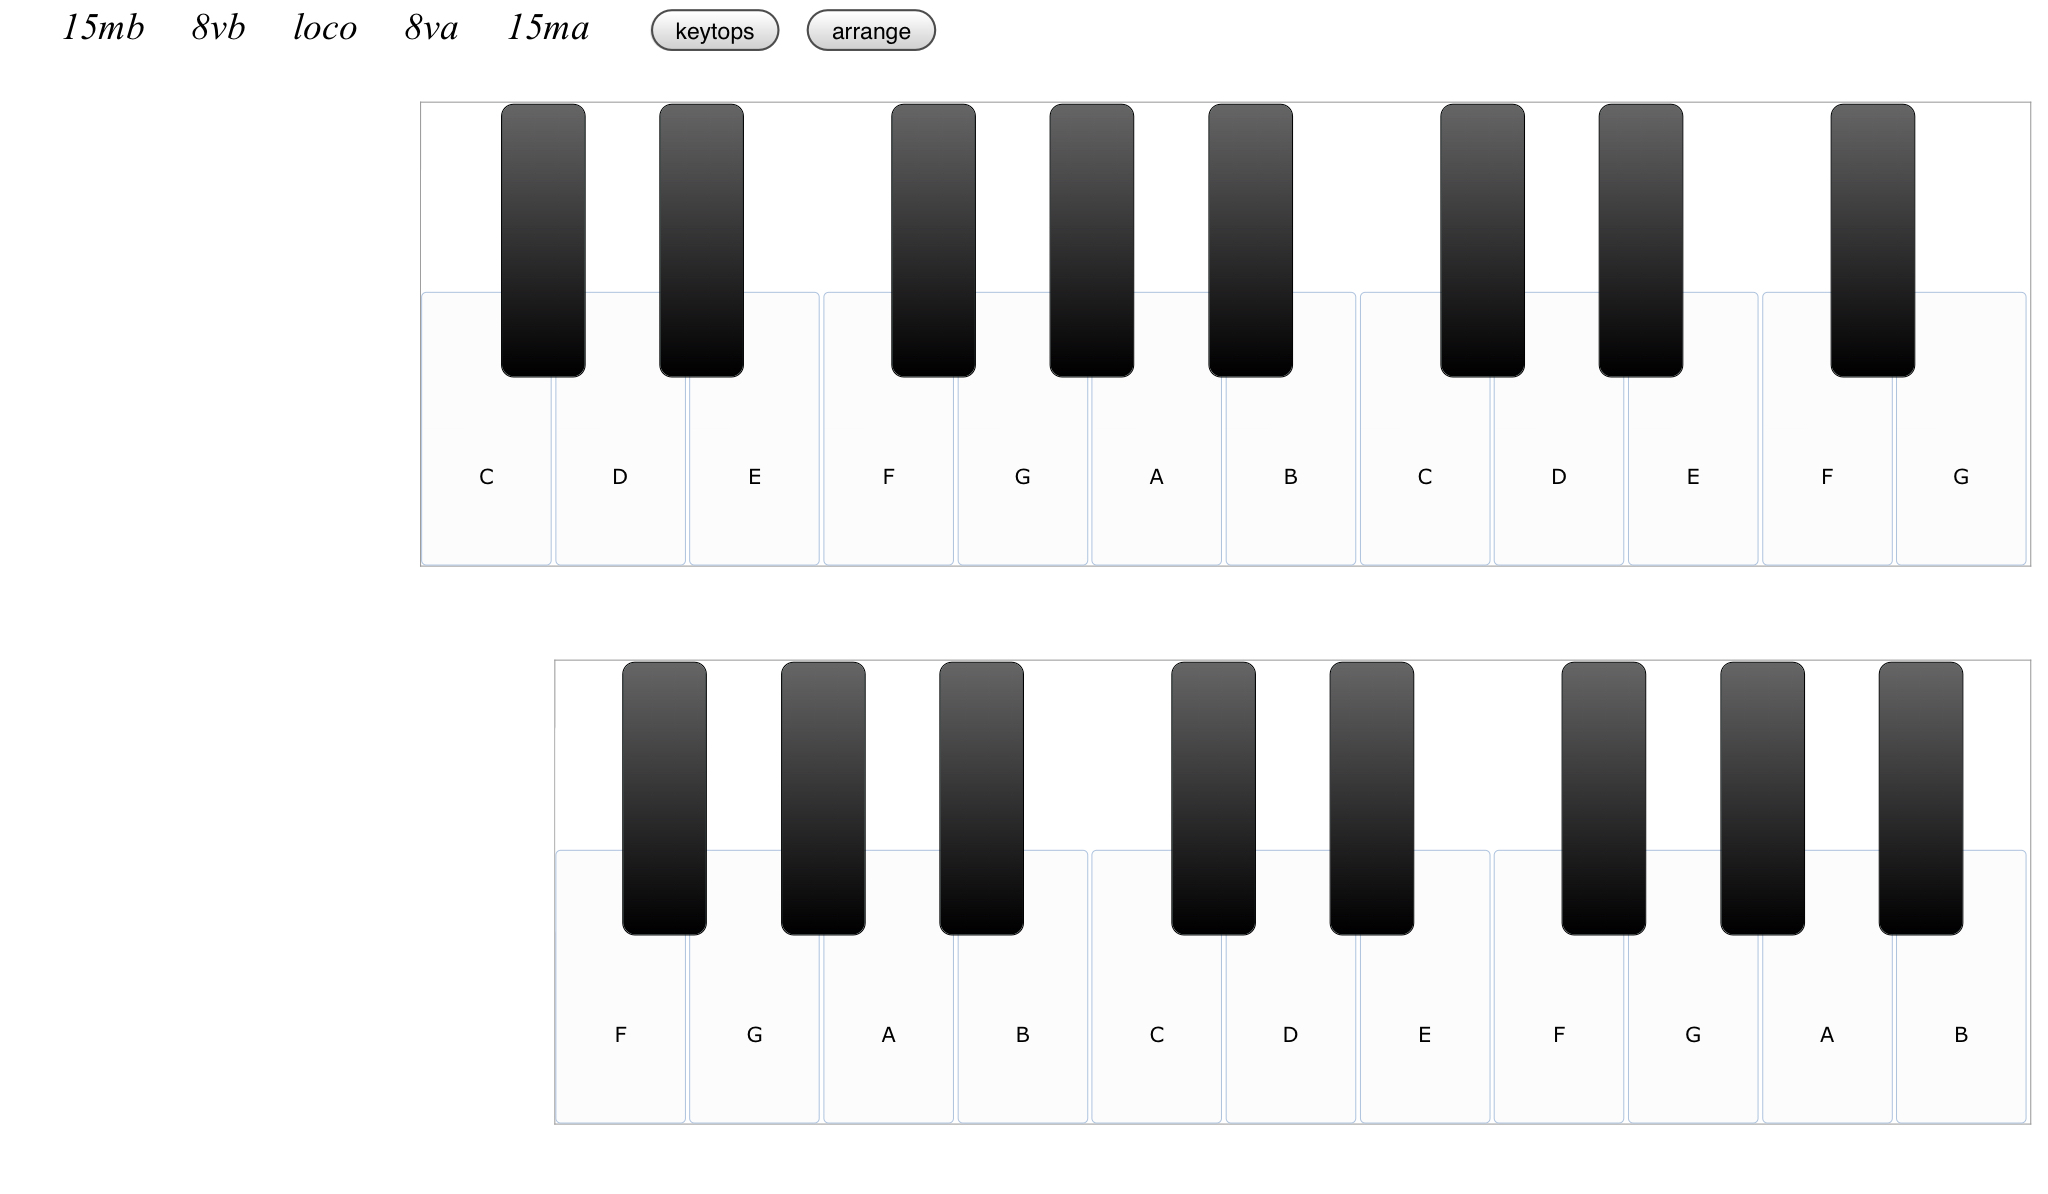 ピアノの音だけ専門のサイトですが、二段構えの鍵盤はまるでオルガンのようですね。